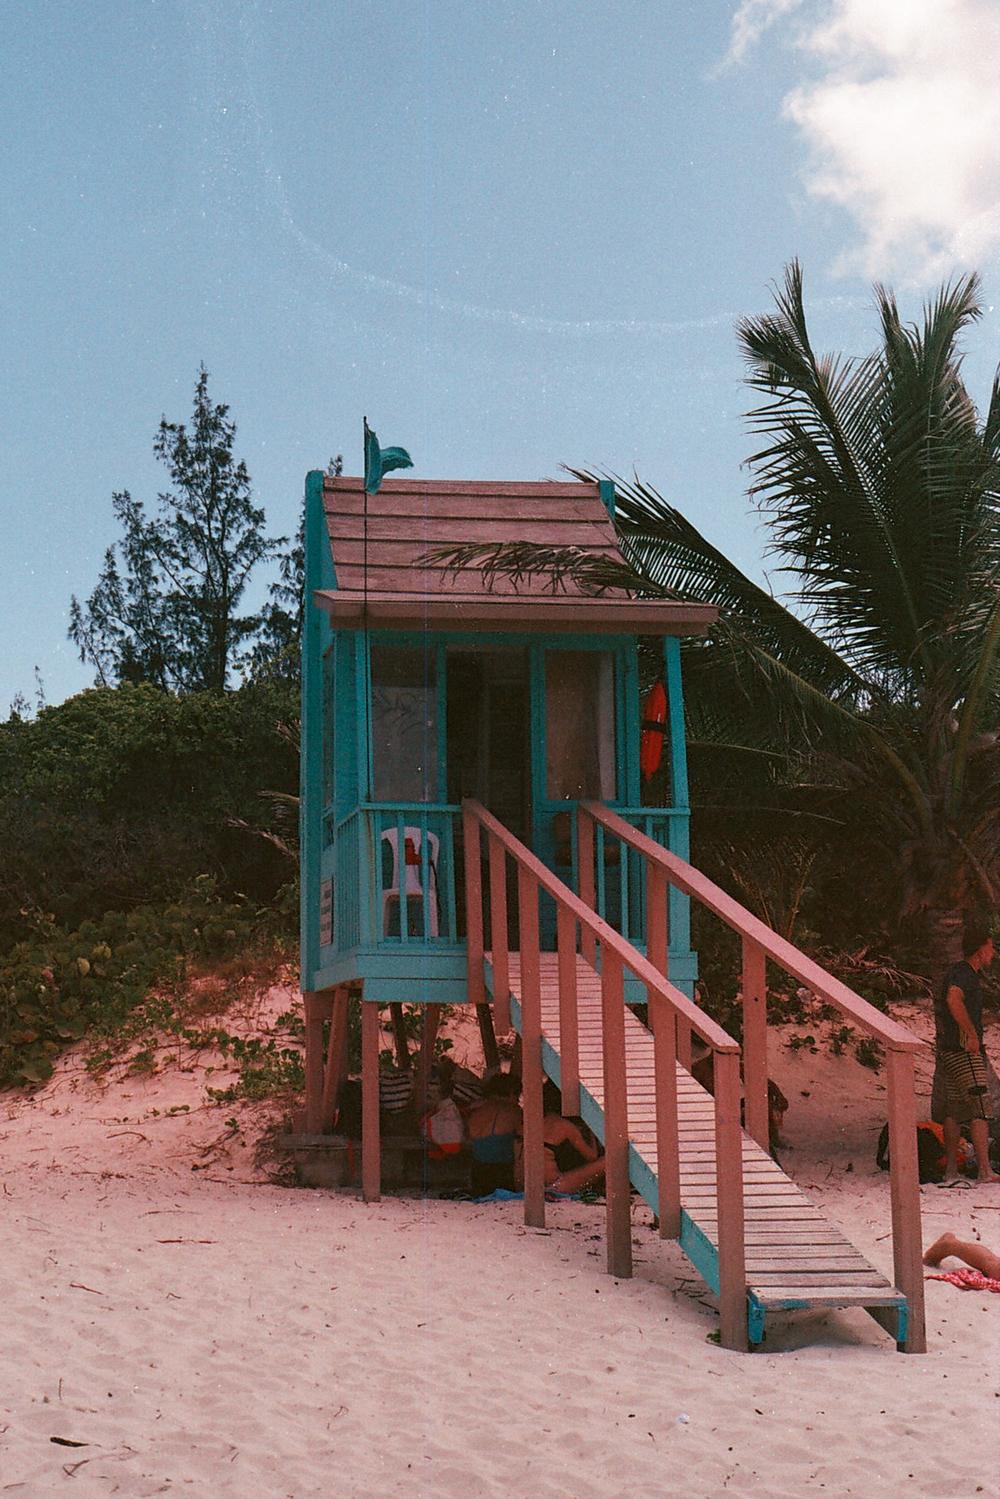 Culebra-2.jpg